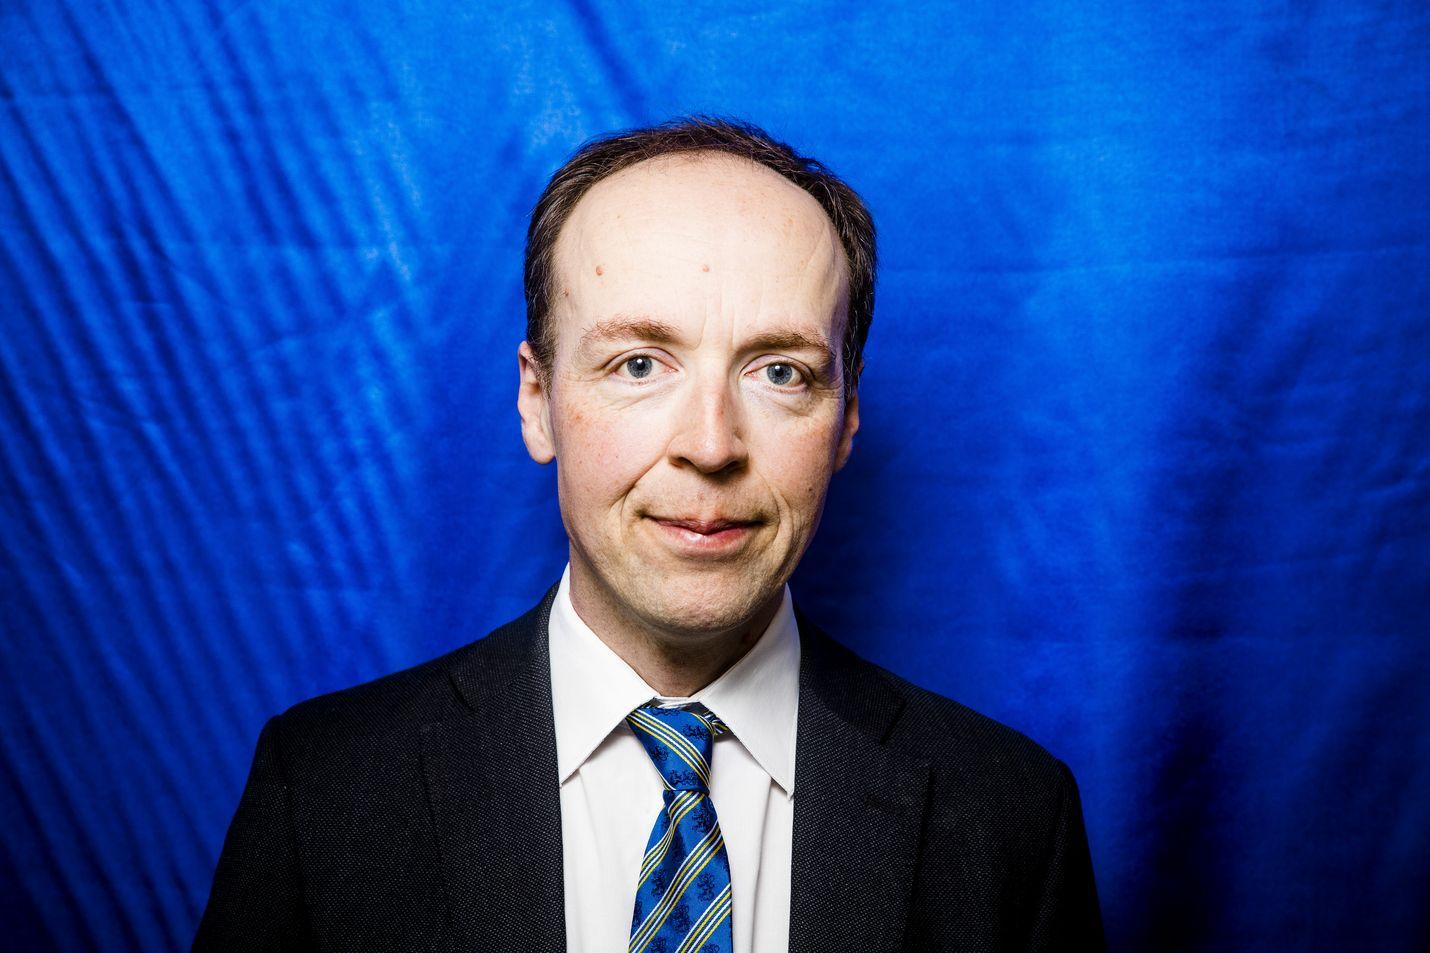 Puheenjohtaja Jussi Halla-aho sanoi, että perussuomalaisten sanoma kunnissa on sama kuin valtakunnassakin. – Hyvinvointi syntyy työstä ja yrittämisestä, ei verottamisesta.